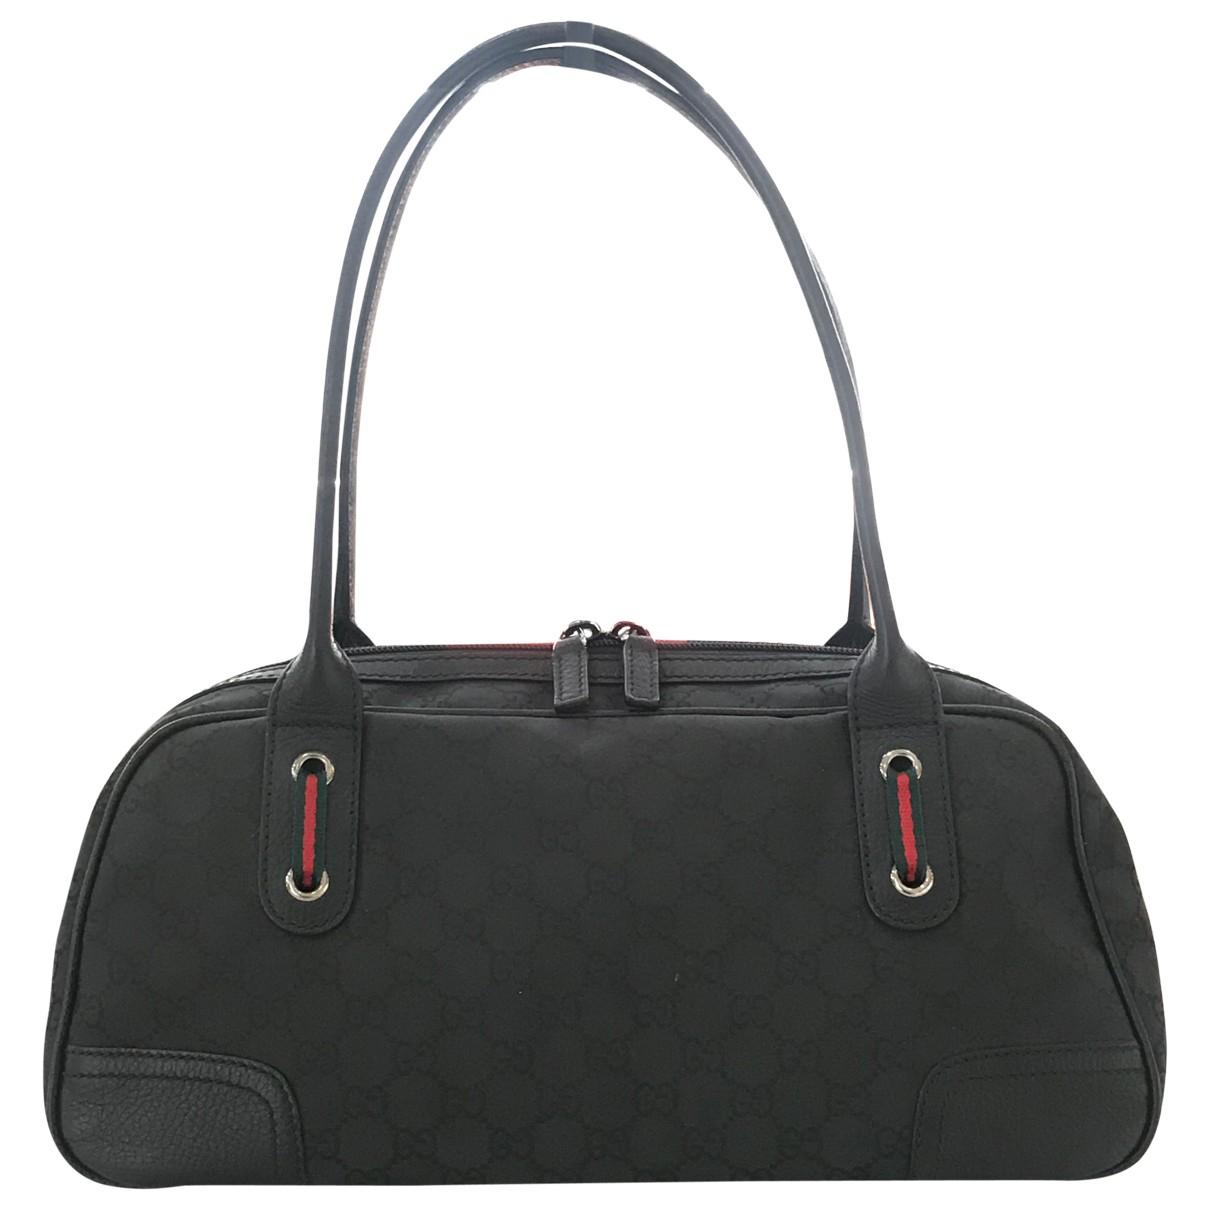 Gucci - Sac a main   pour femme en toile - noir